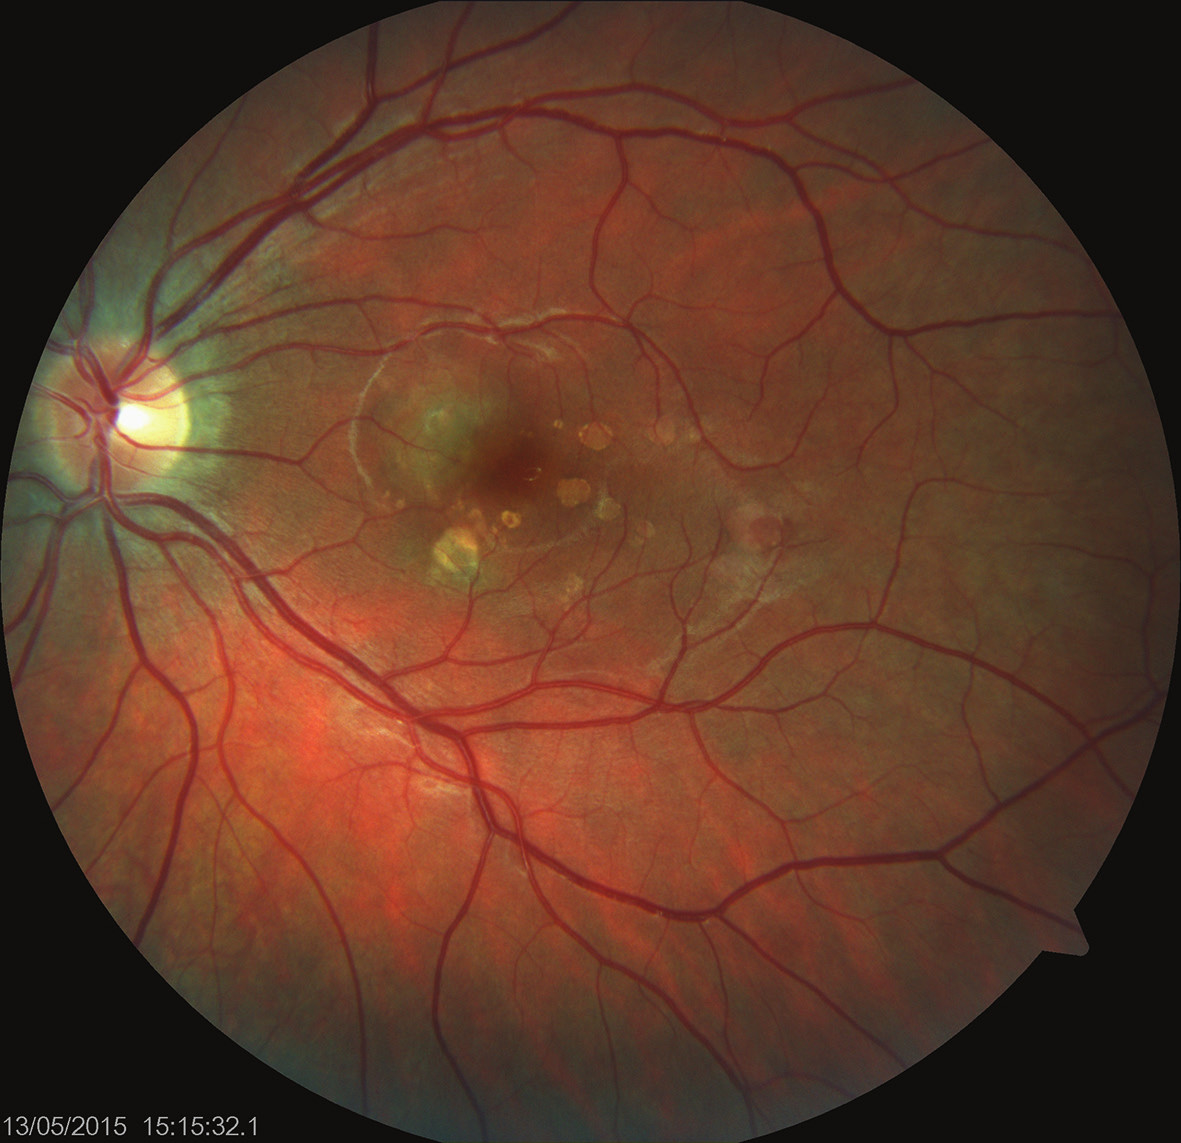 Levé oko. Nález akutního zánětlivého ložiska v centrální krajině sítnice